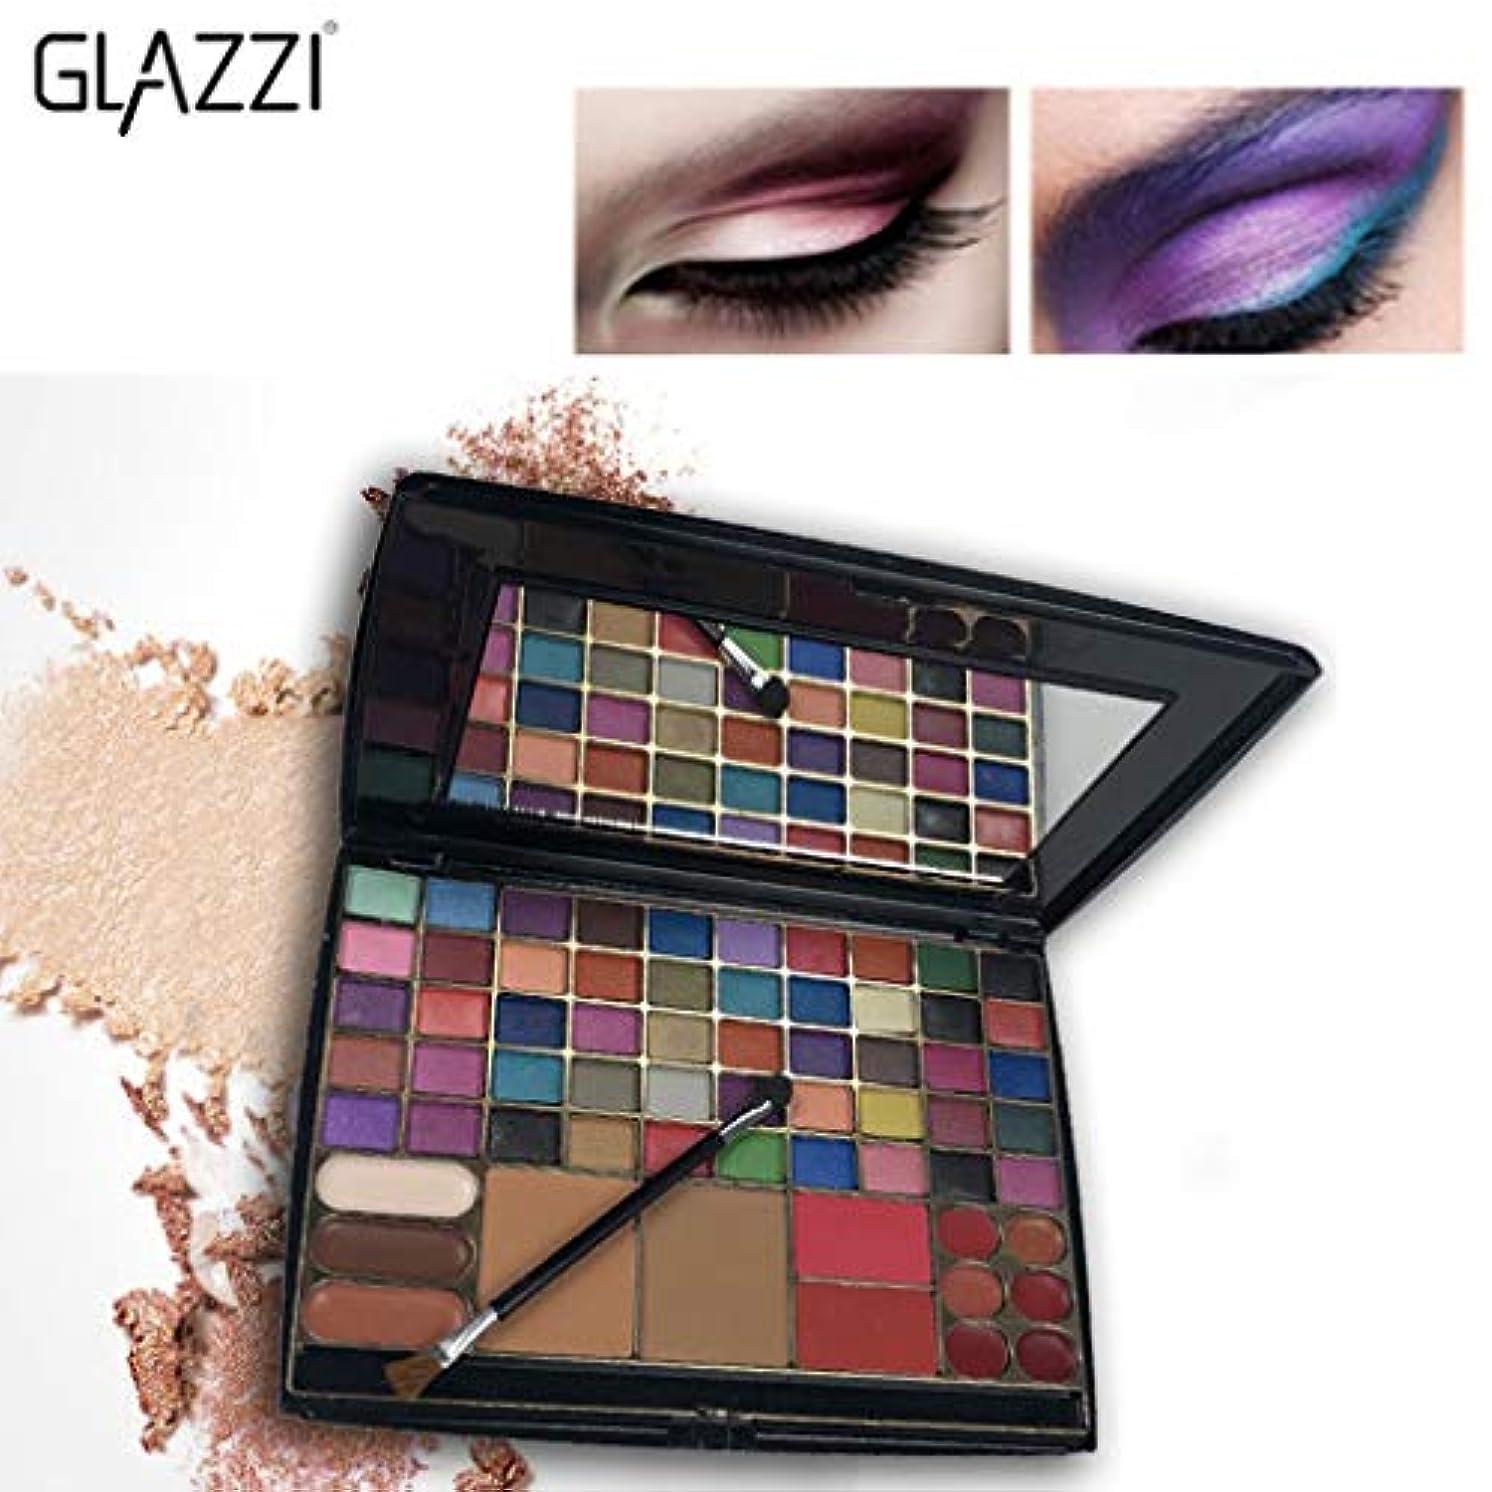 答えに対して代数Akane アイシャドウパレット GLAZZI 人気 超魅力的 気質的 綺麗 おしゃれ 防水 クリーム ブラシ付き 長持ち チャーム 持ち便利 Eye Shadow (63色) GZ8040062